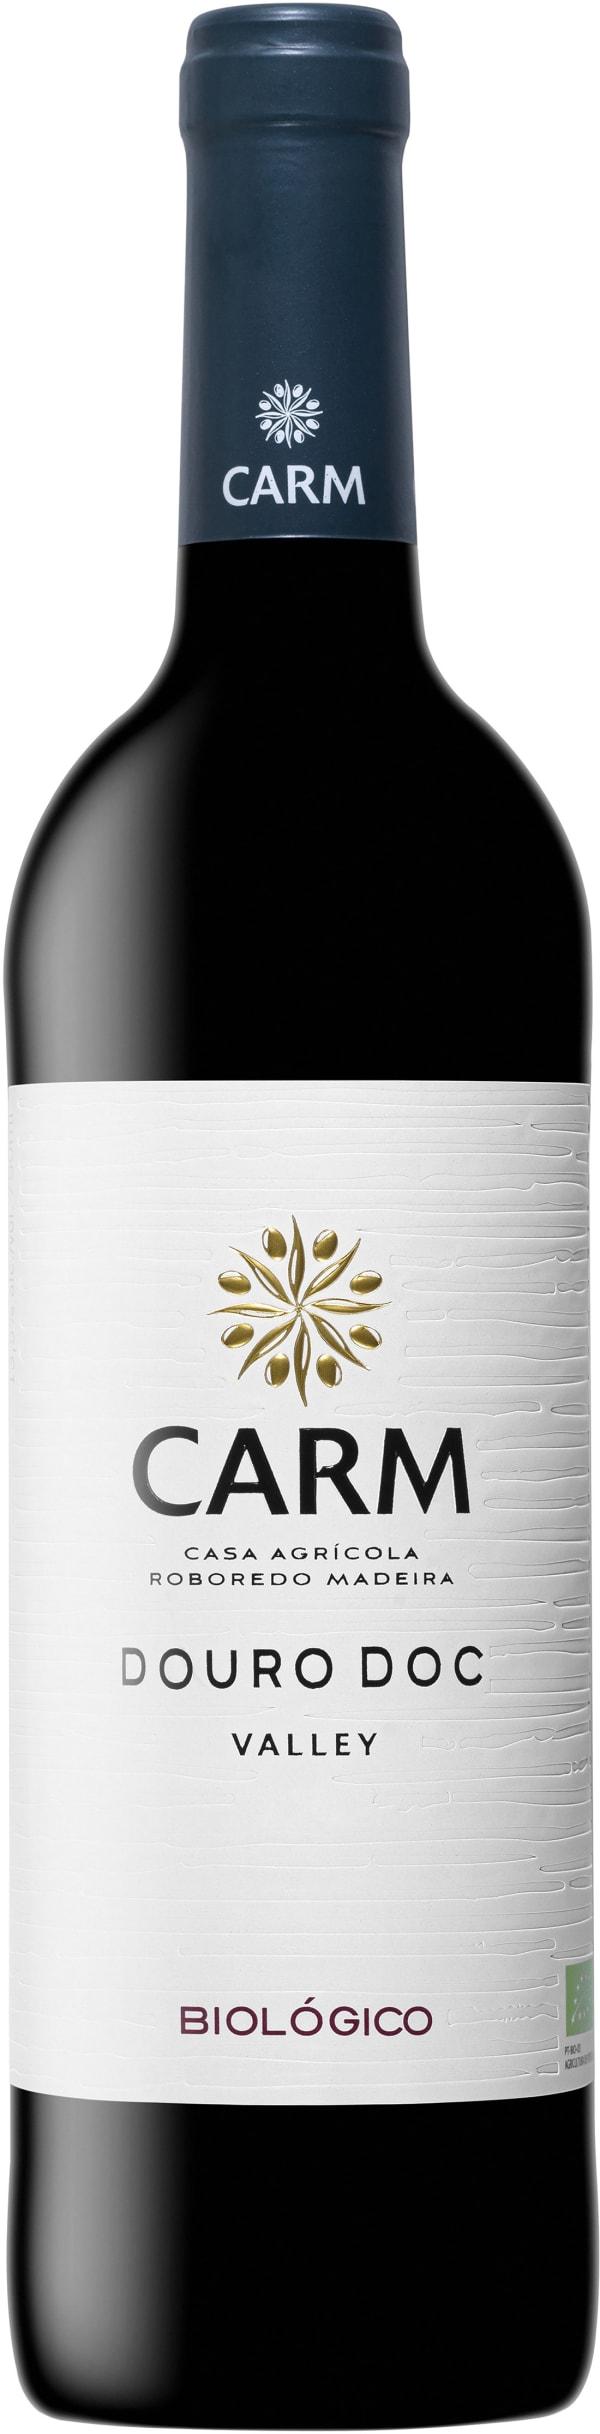 Carm 2014